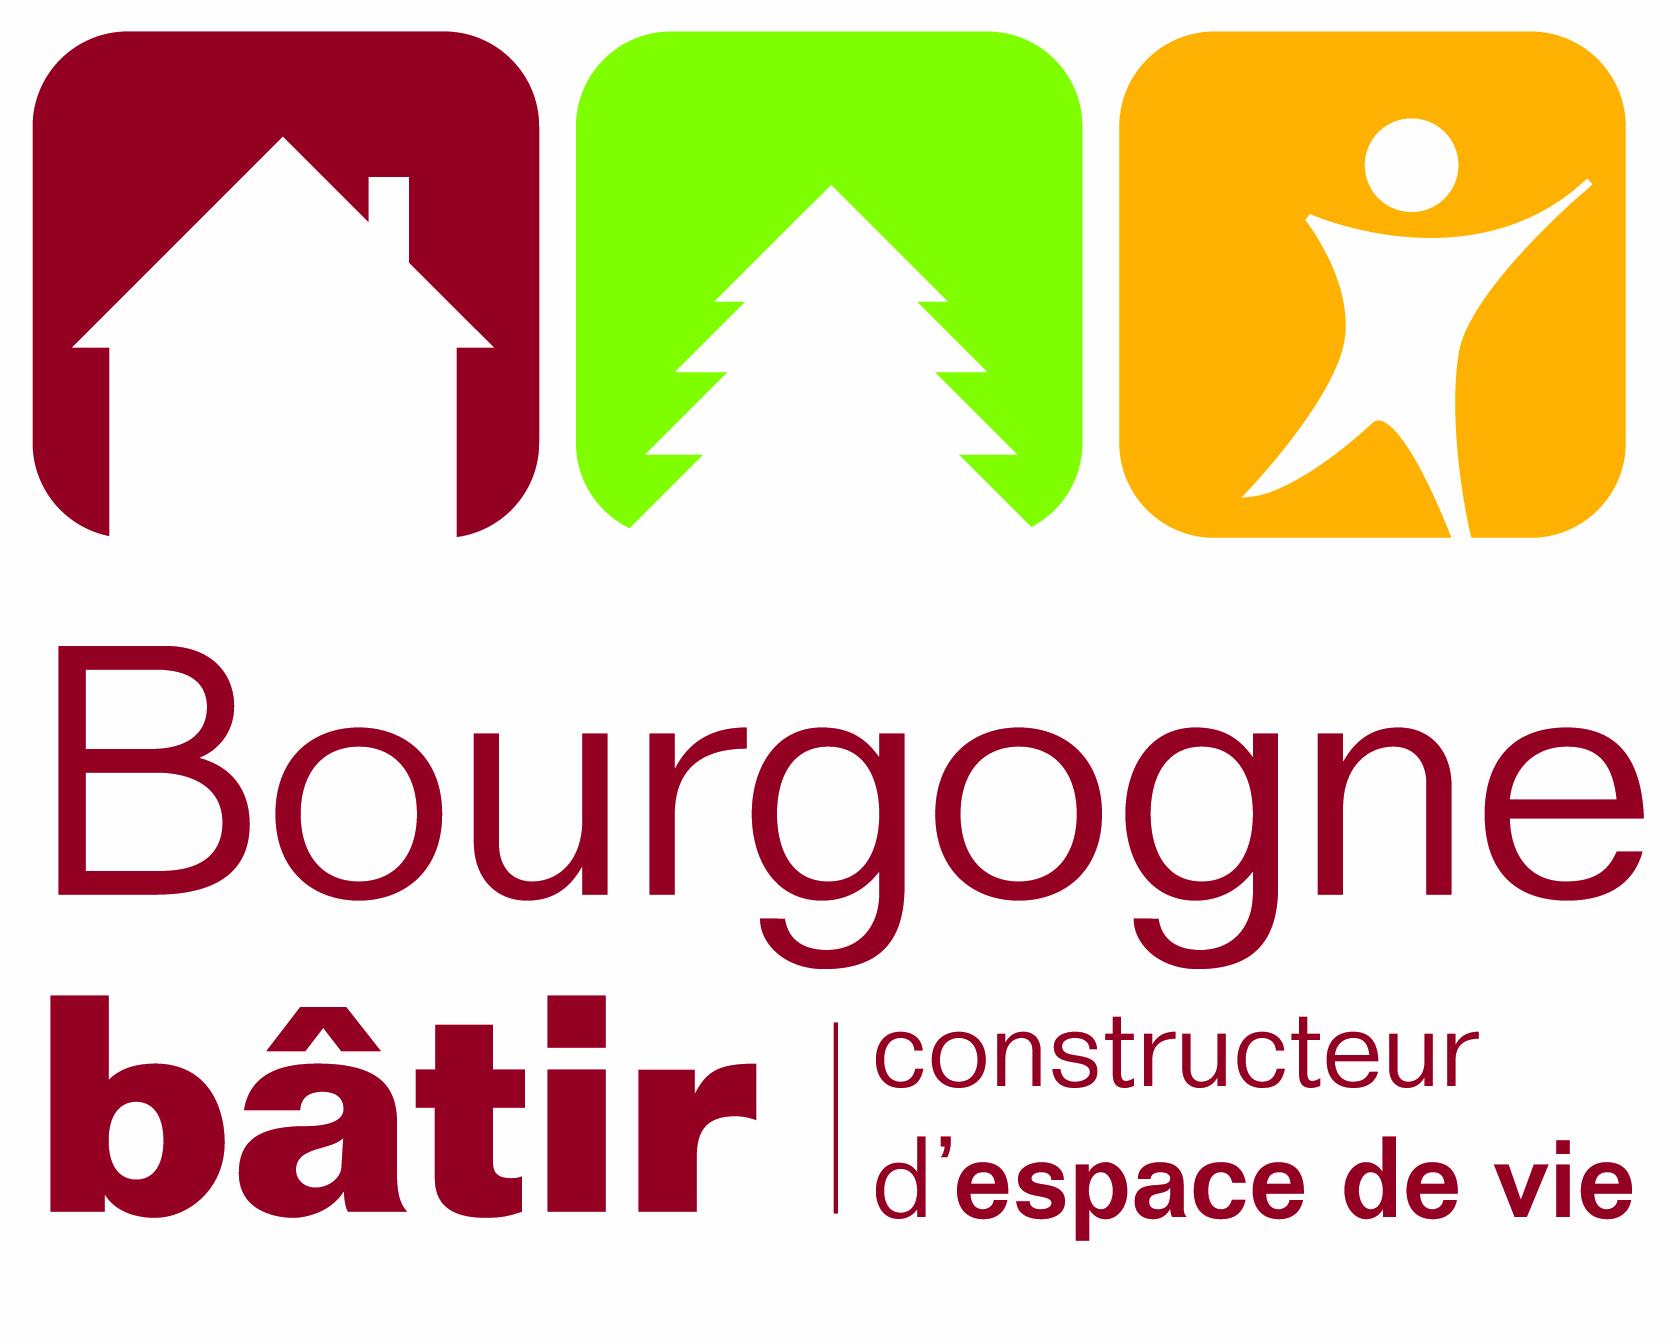 Le Constructeur De Bourgogne bourgogne batir - constructeur de maisons - chalon sur saone